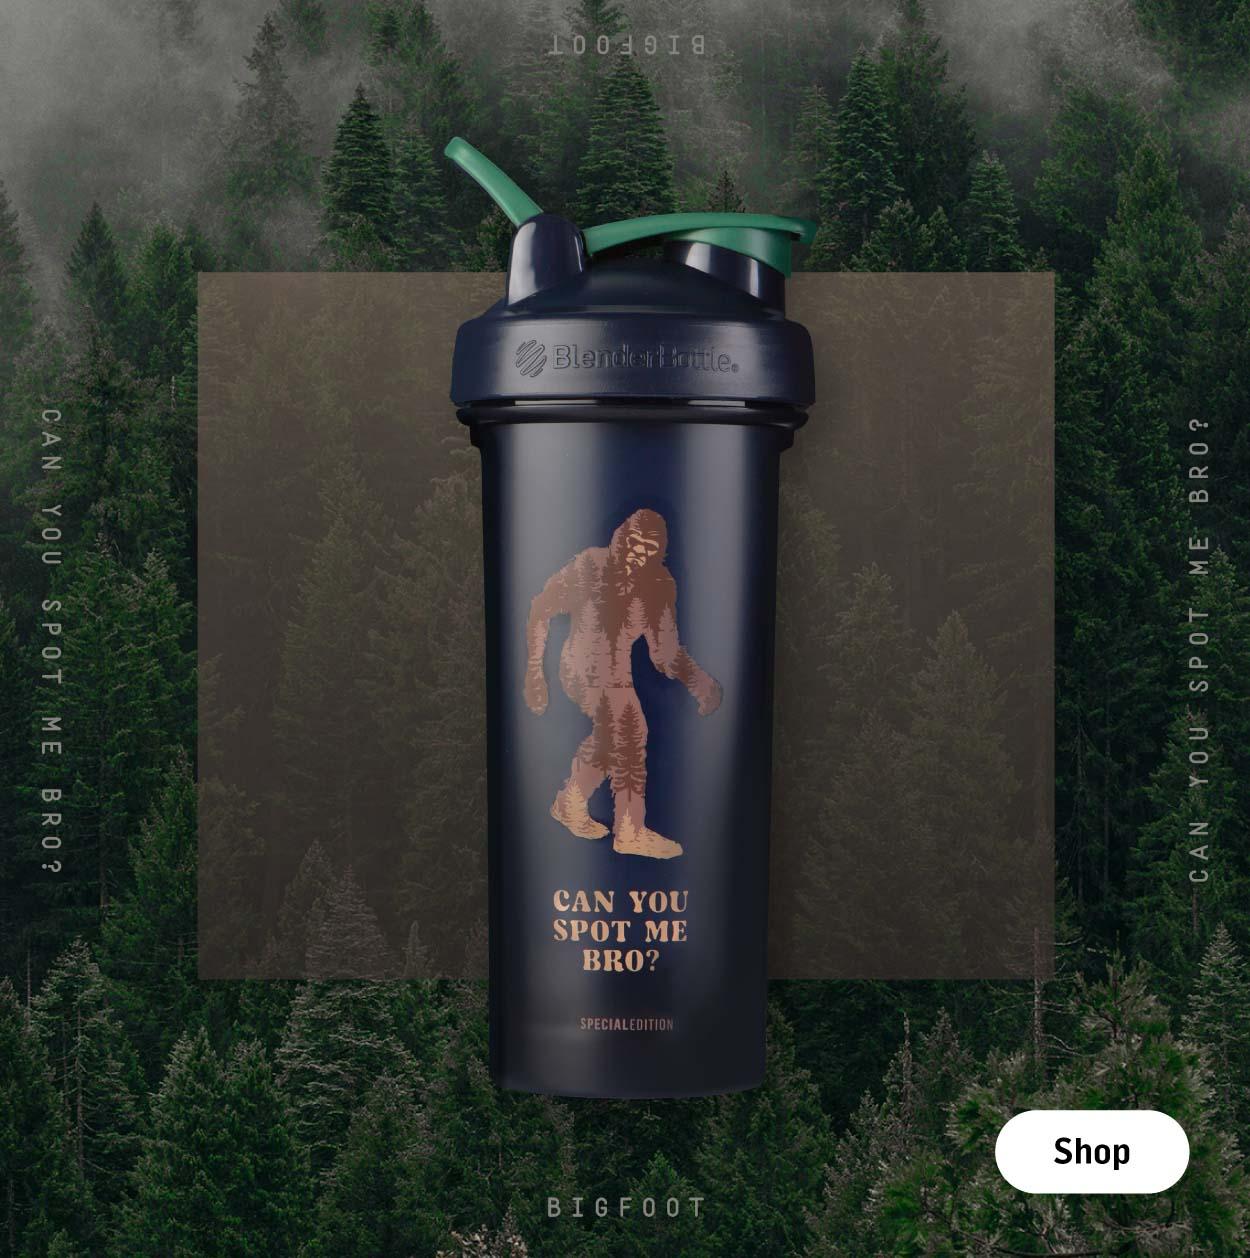 Bigfoot - Can You Spot Me Bro